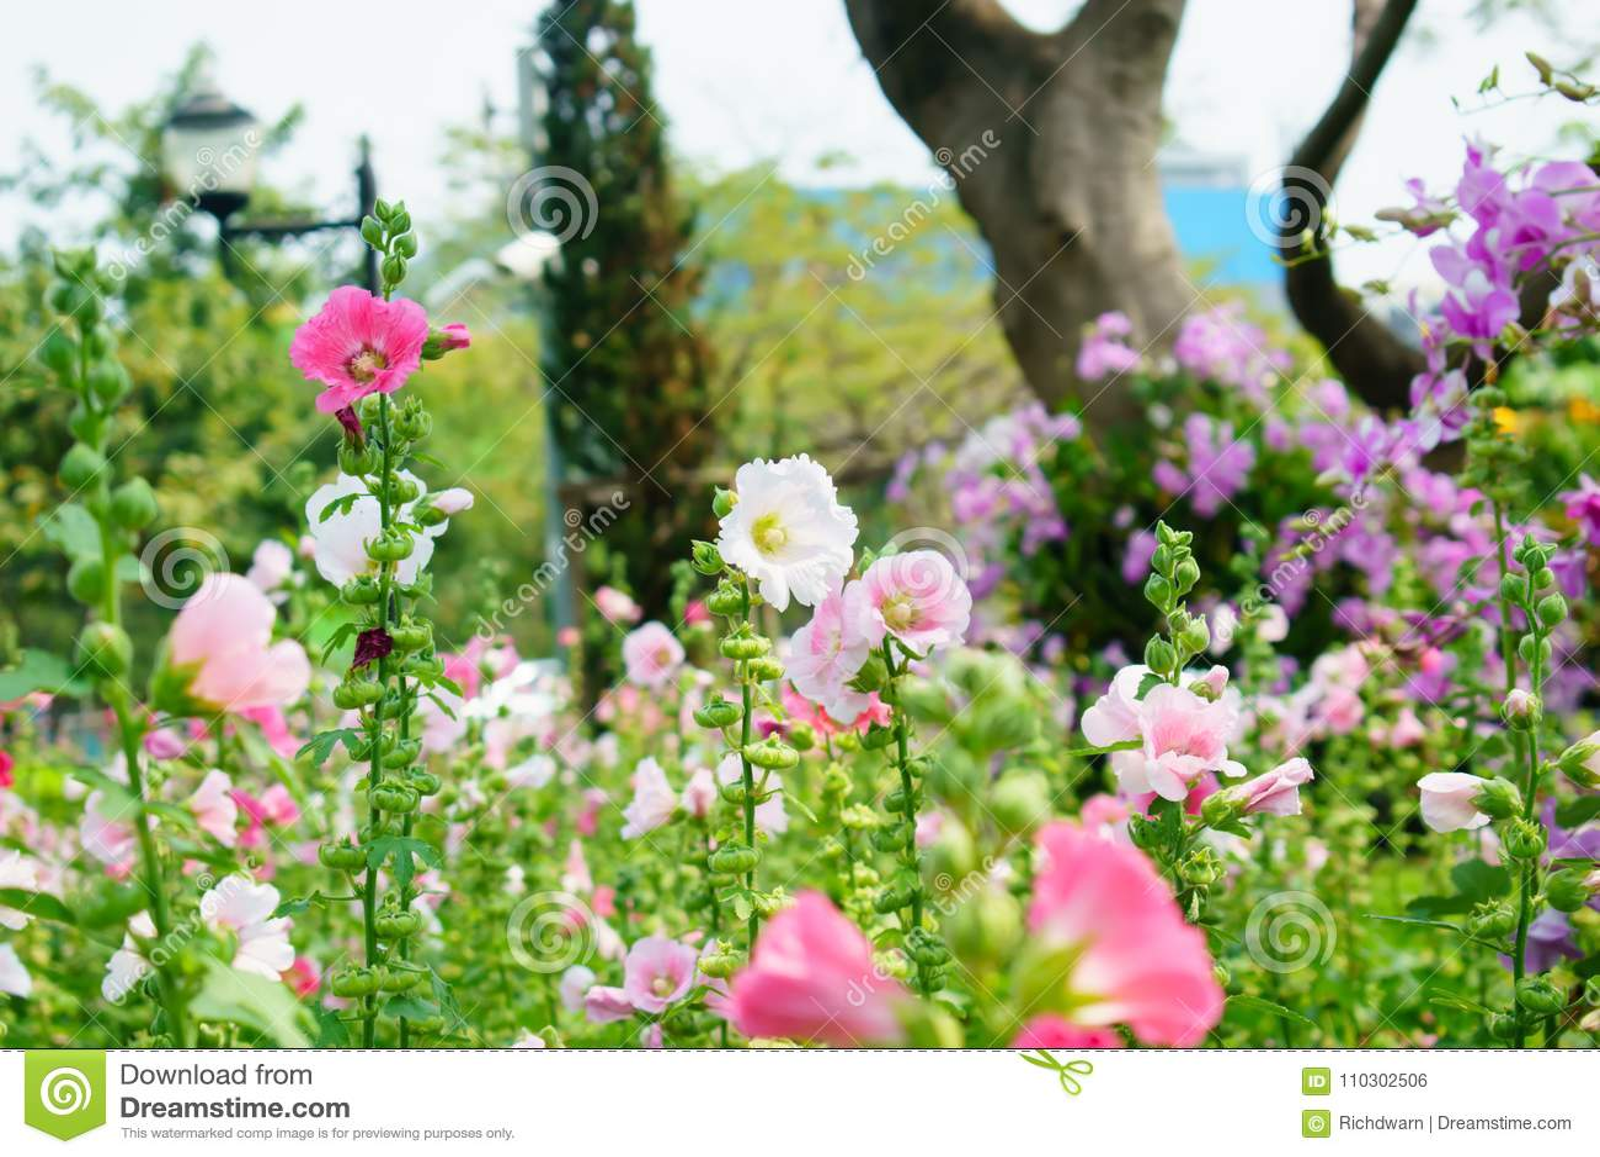 Flowers in gardenbeautiful flowers bloom in the gardenqueen si download flowers in gardenbeautiful flowers bloom in the gardenqueen si stock photo izmirmasajfo